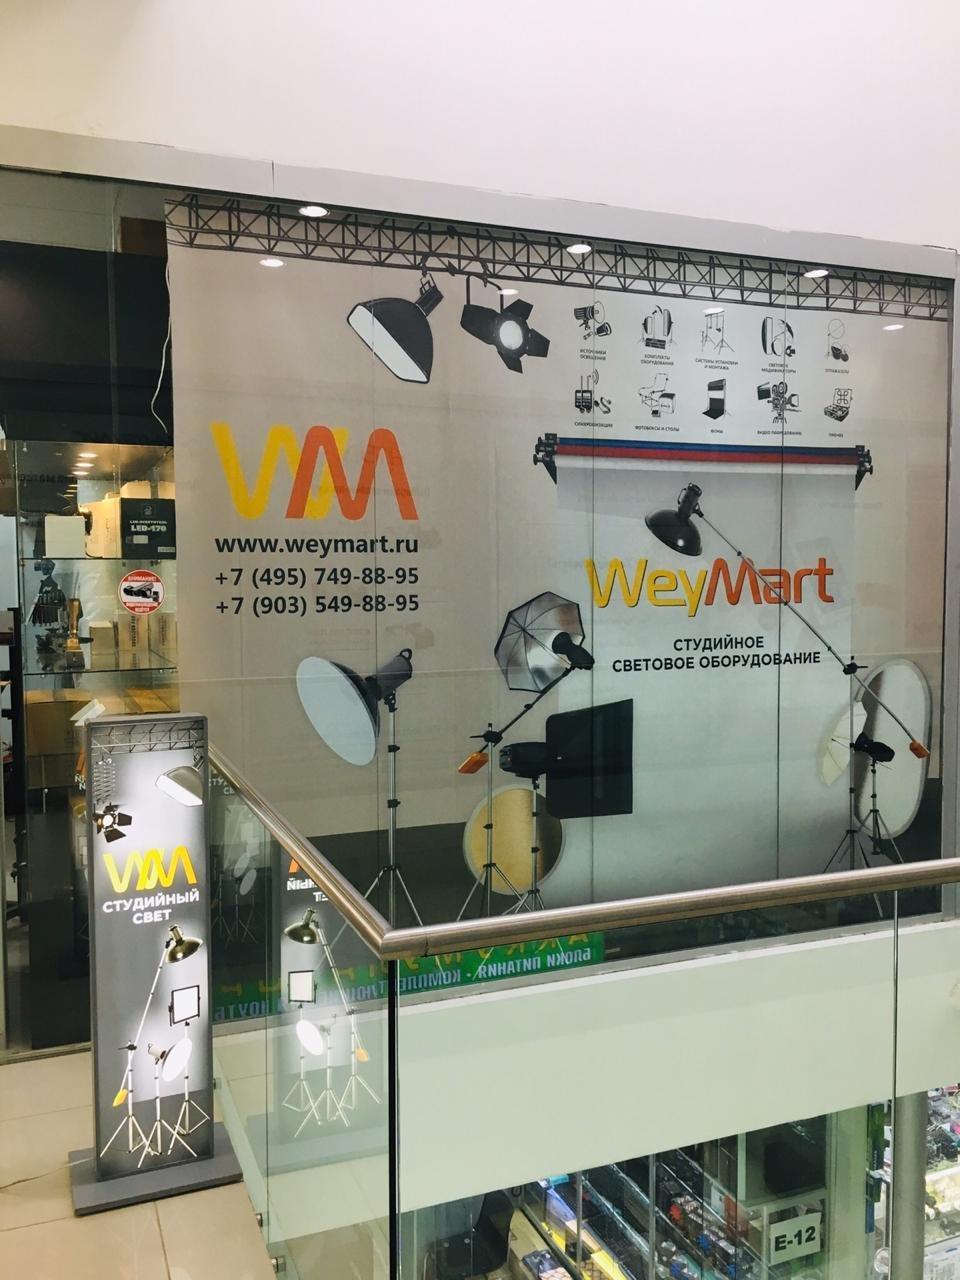 фотография Интернет-магазина WeyMart в ТЦ Савеловский